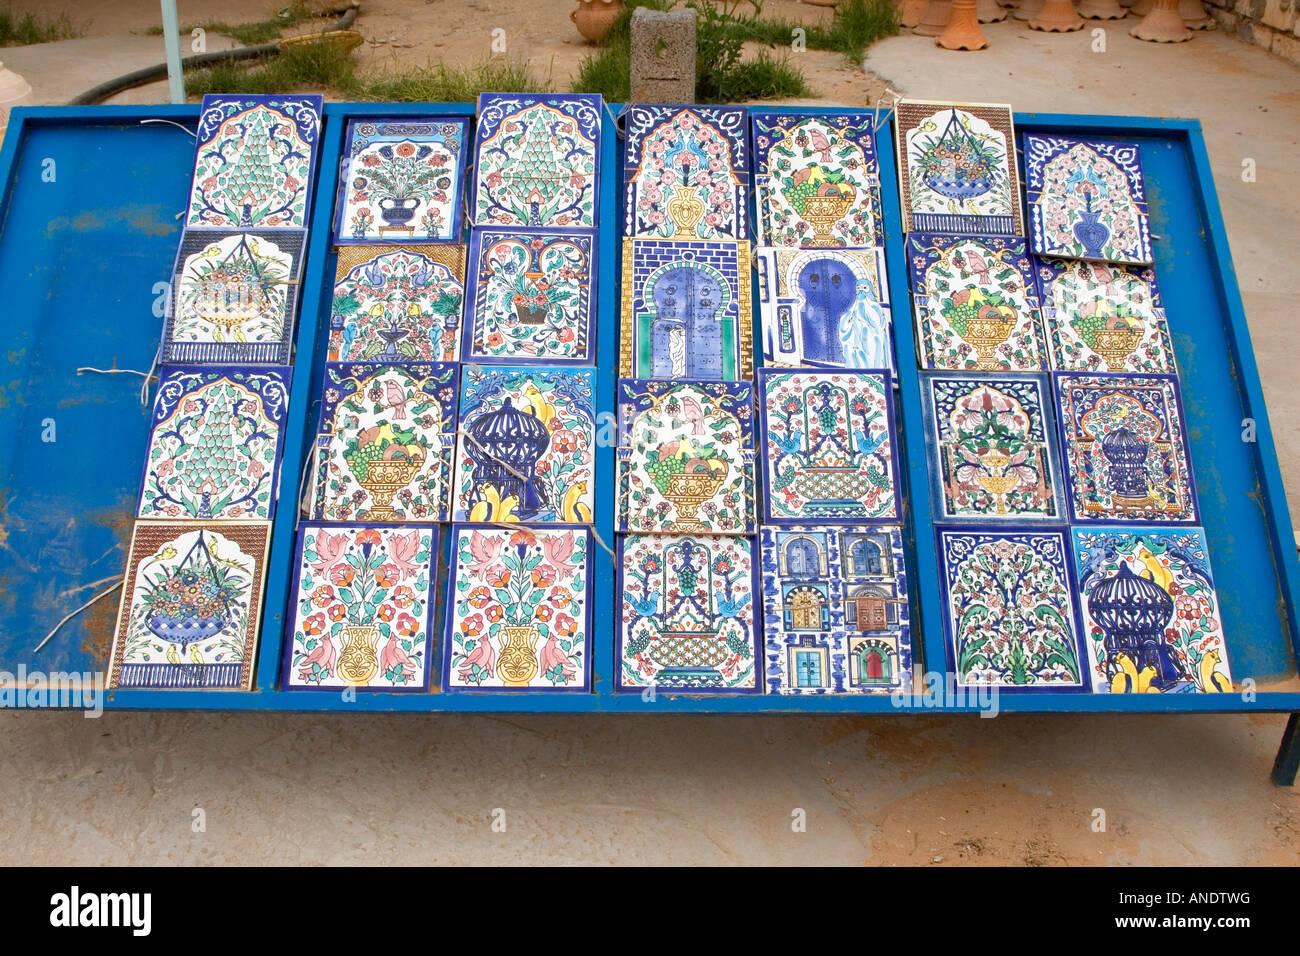 Ceramics Tiles Stock Photos & Ceramics Tiles Stock Images - Alamy